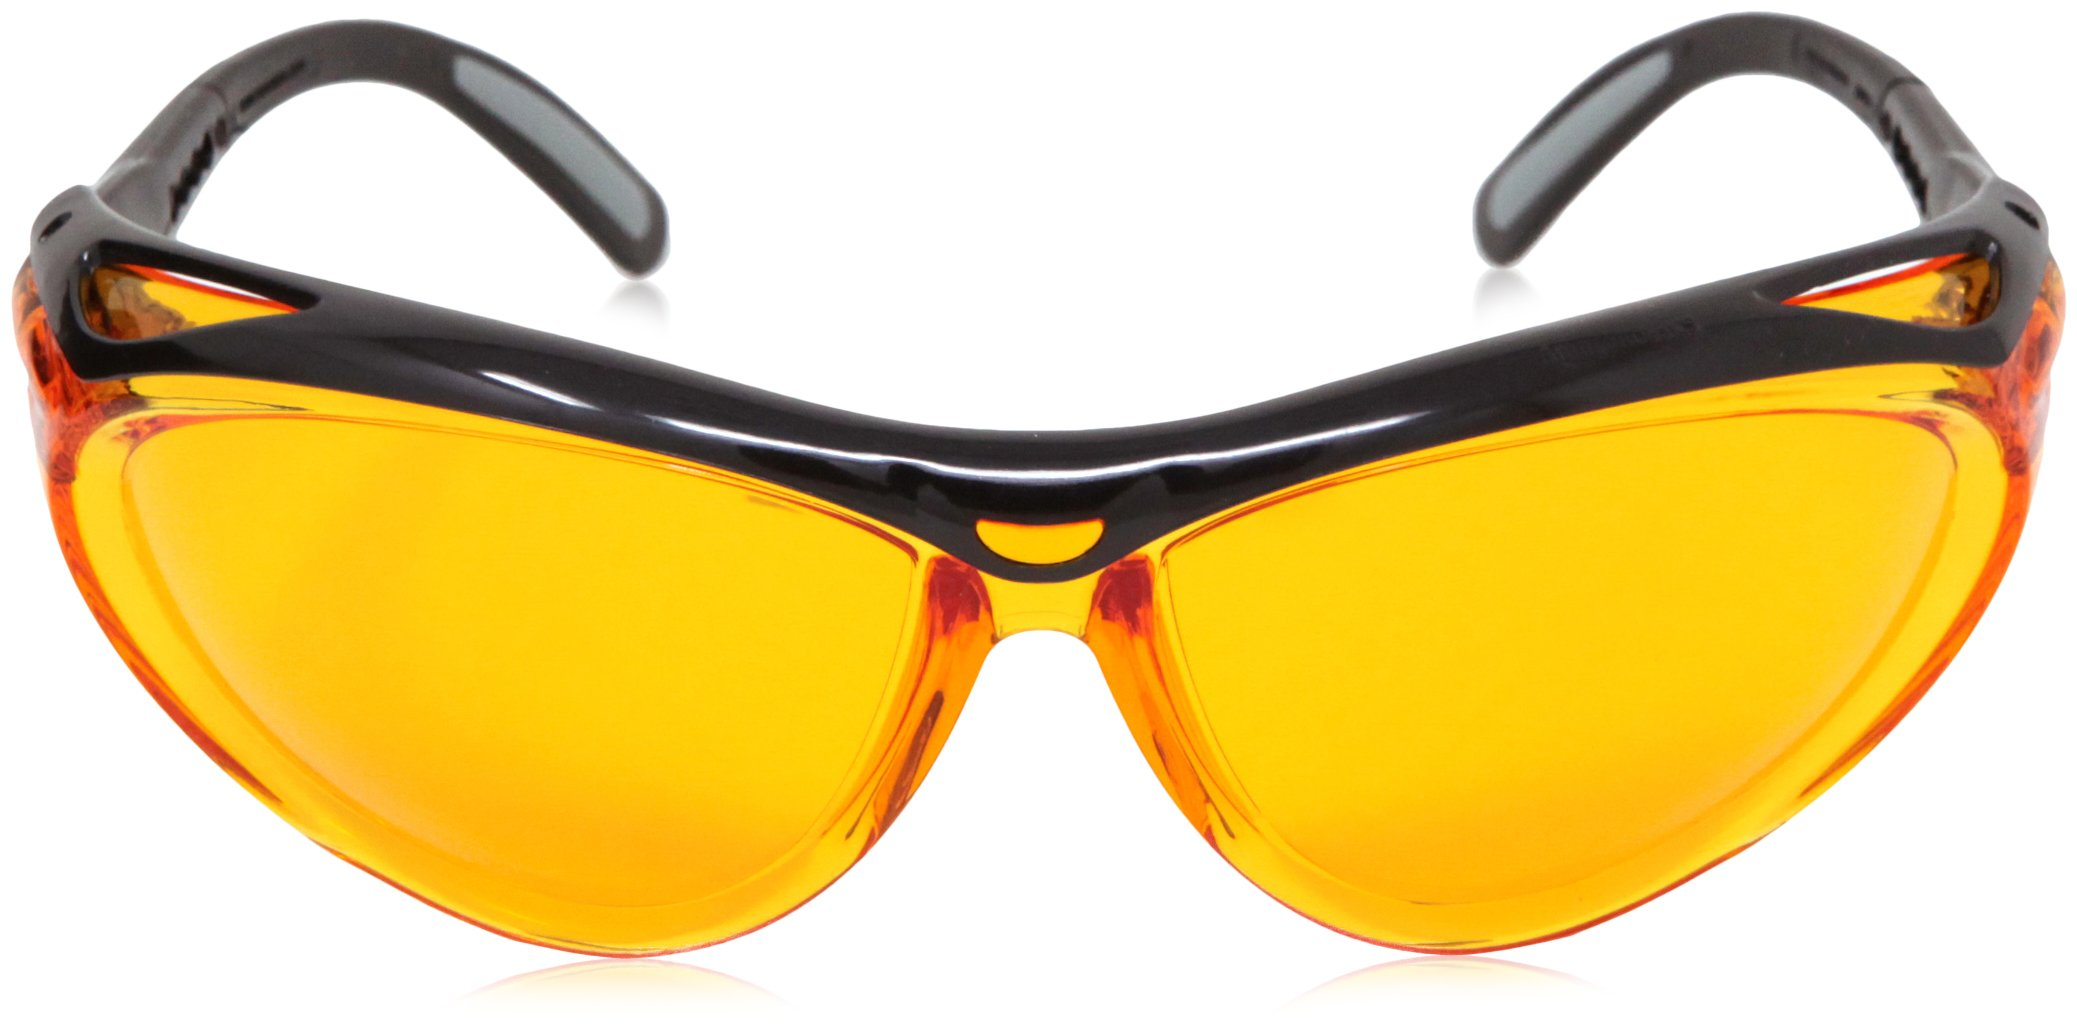 AmazonBasics Blue Light Blocking Safety Glasses, Anti-Fog, Orange Lens, 12-Count by AmazonBasics (Image #6)